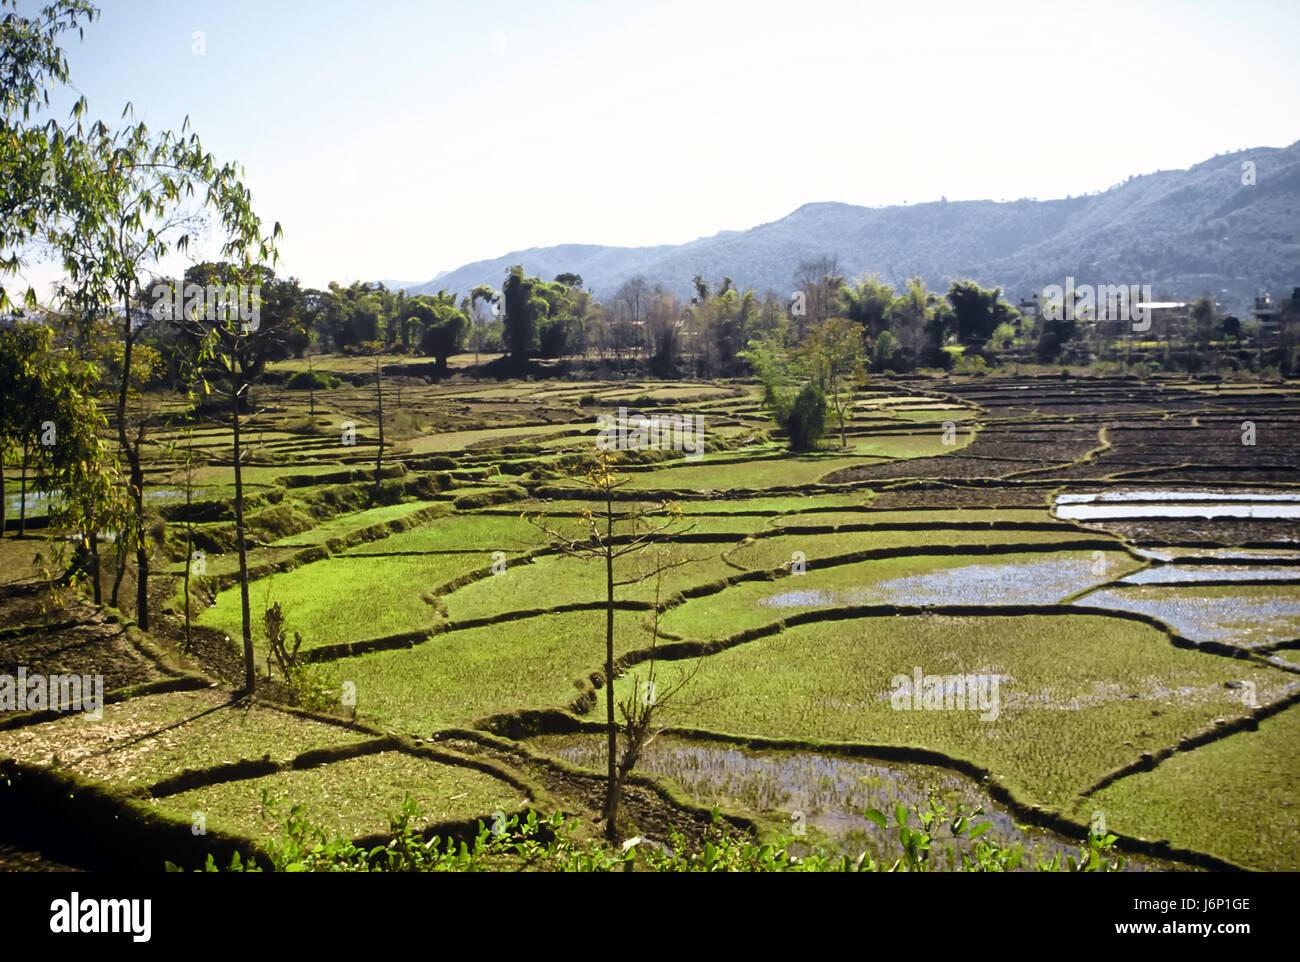 Asia la coltivazione del riso in Nepal Himalaya terrazza bellissima ...